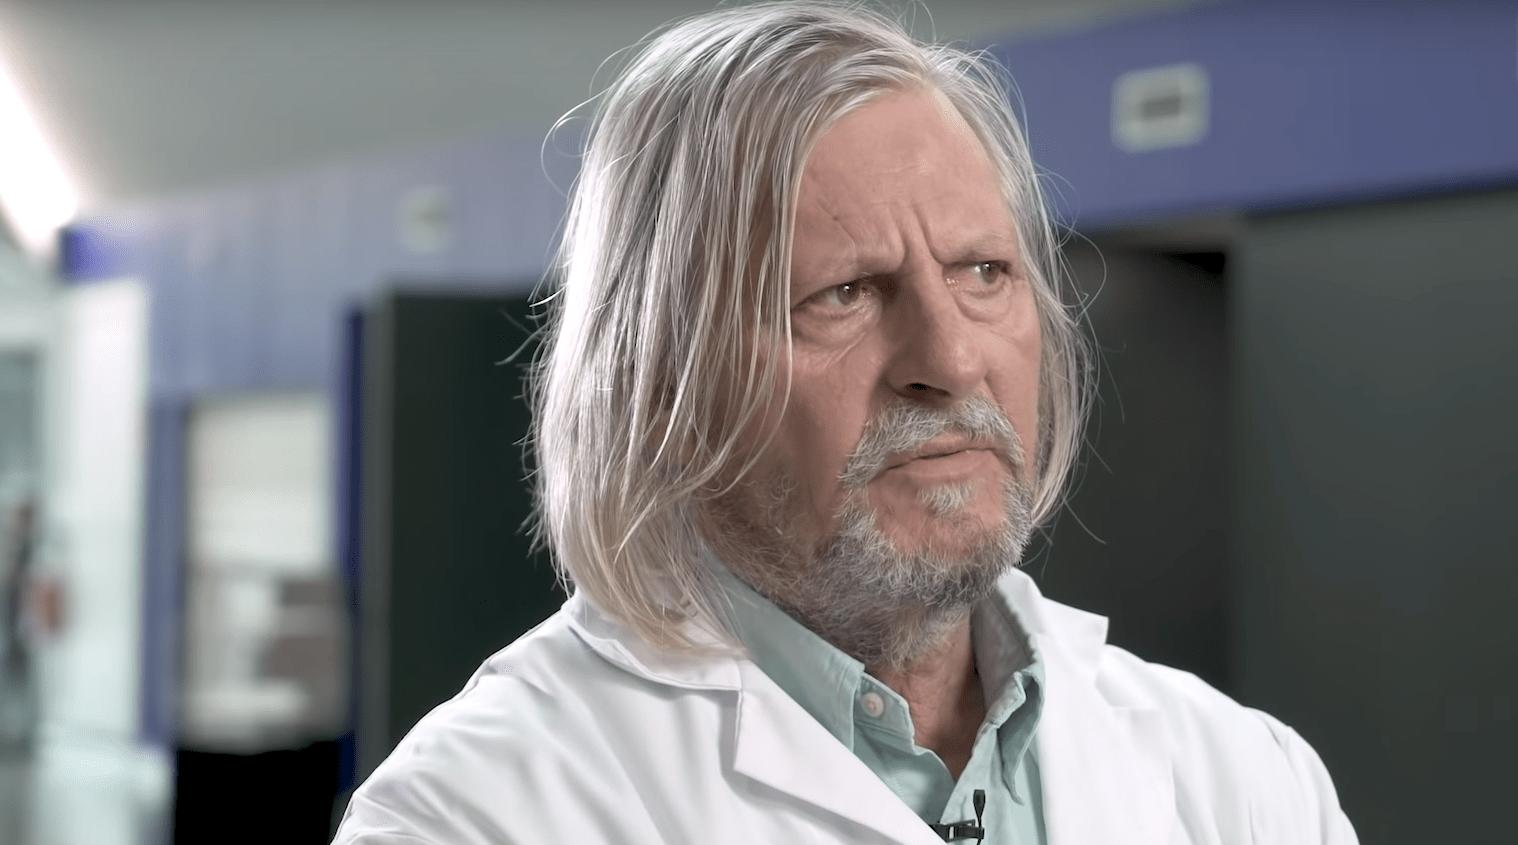 Didier Raoult : Il réplique à l'Ordre des médecins et porte plainte pour harcèlement